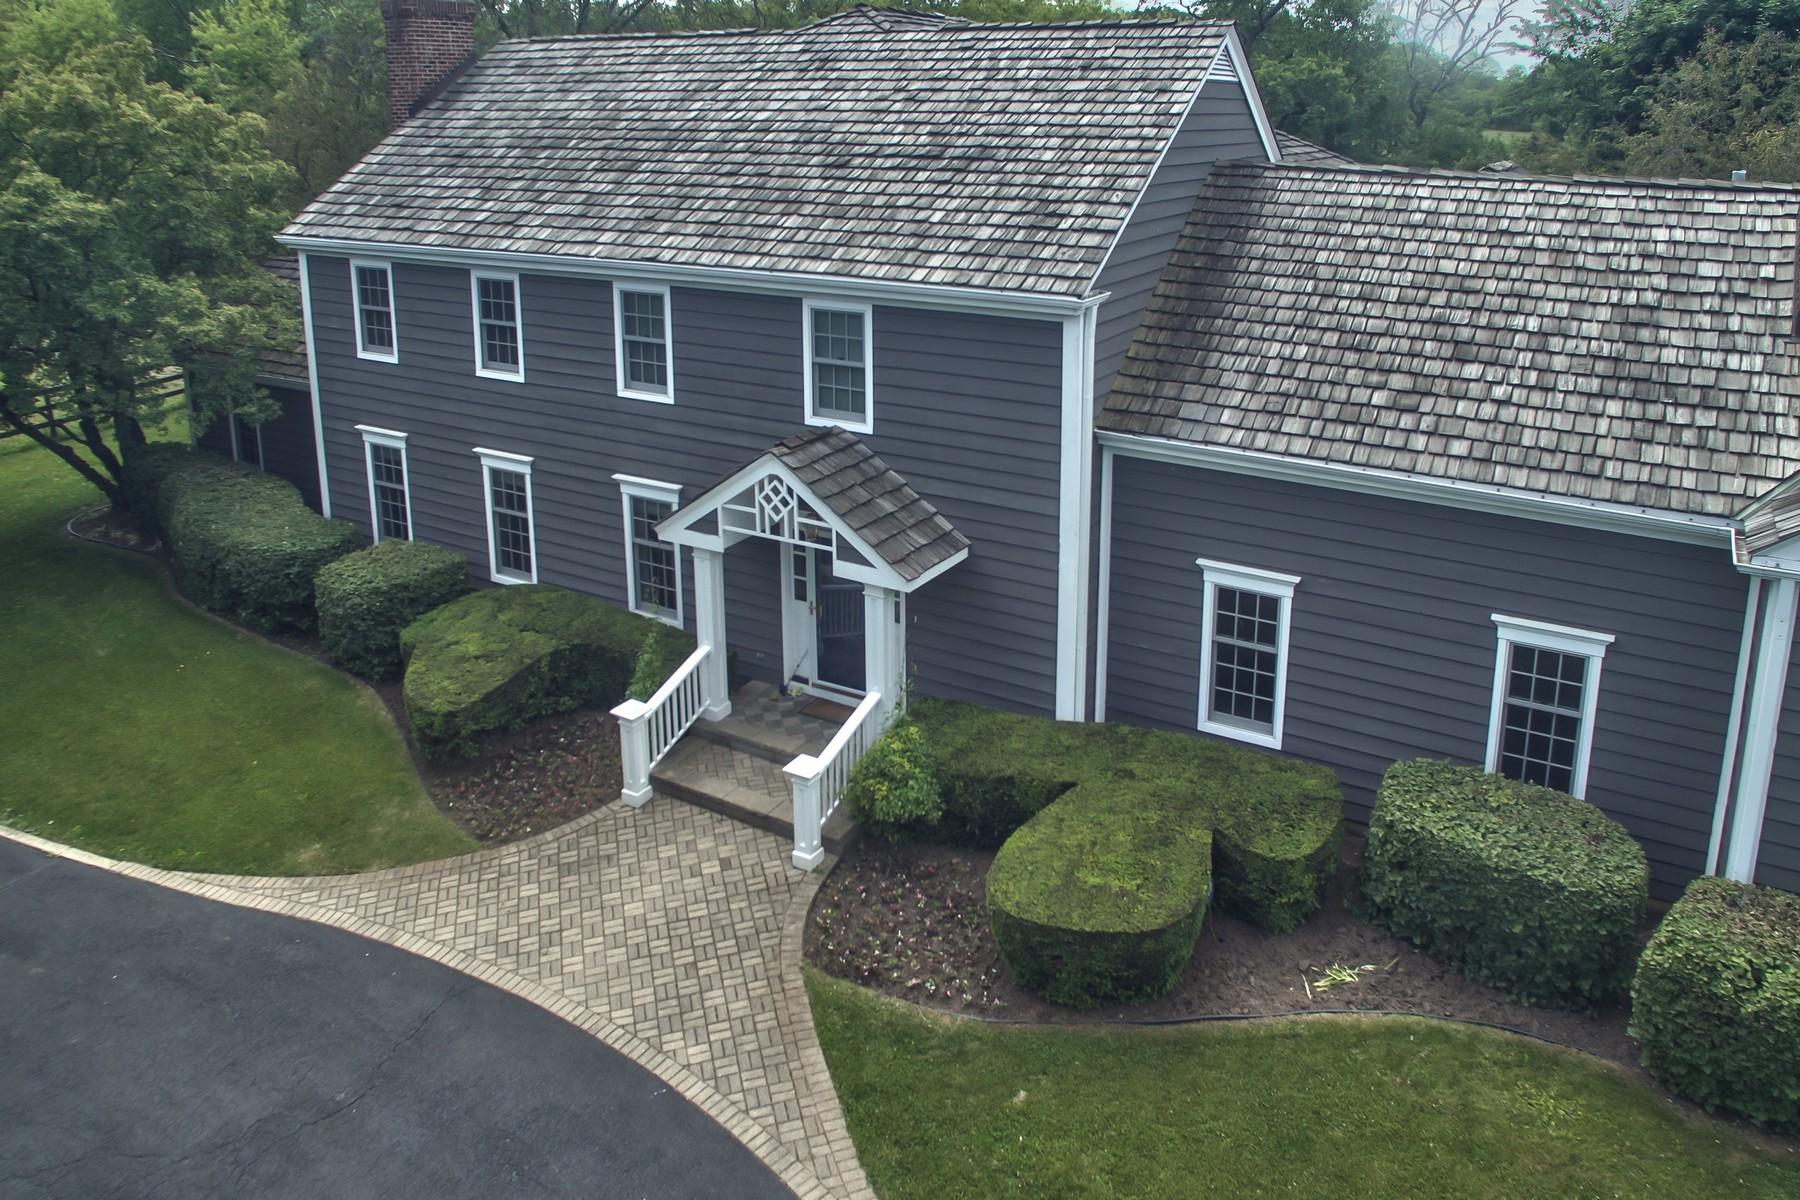 Casa Unifamiliar por un Venta en Hamptons Style Colonial Home 409 Three Lakes Road Barrington Hills, Illinois, 60010 Estados Unidos